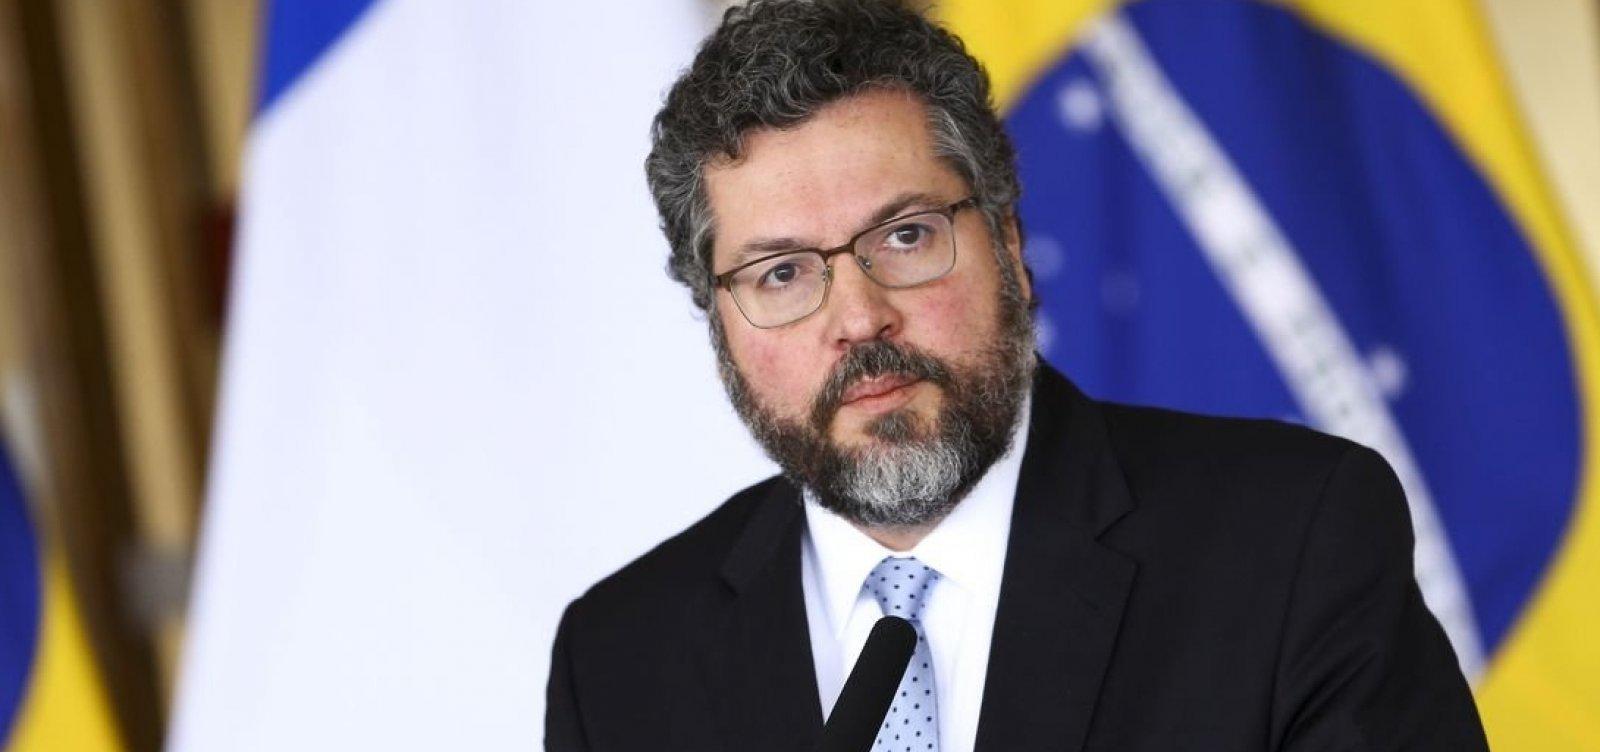 [Ministro Ernesto Araújo não consegue negociar empréstimo de aviões americanos]